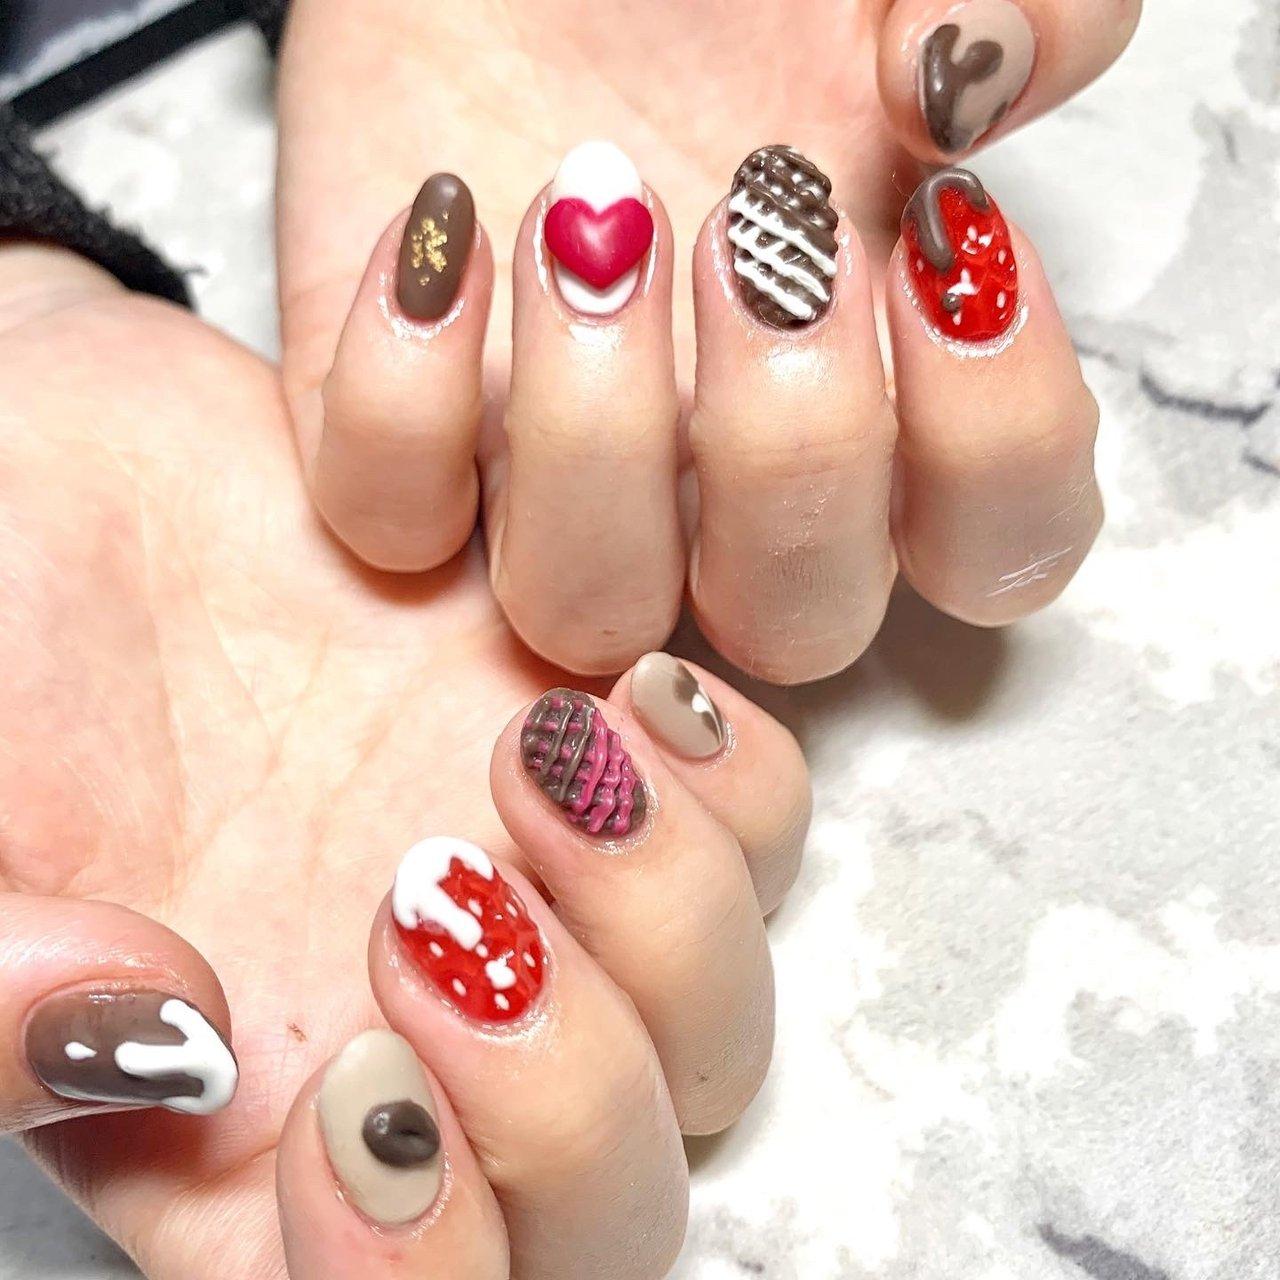 #バレンタイン#チョコネイル #いちごネイル #紗々ネイル #コーヒ豆 #mio.nail20 #ネイルブック